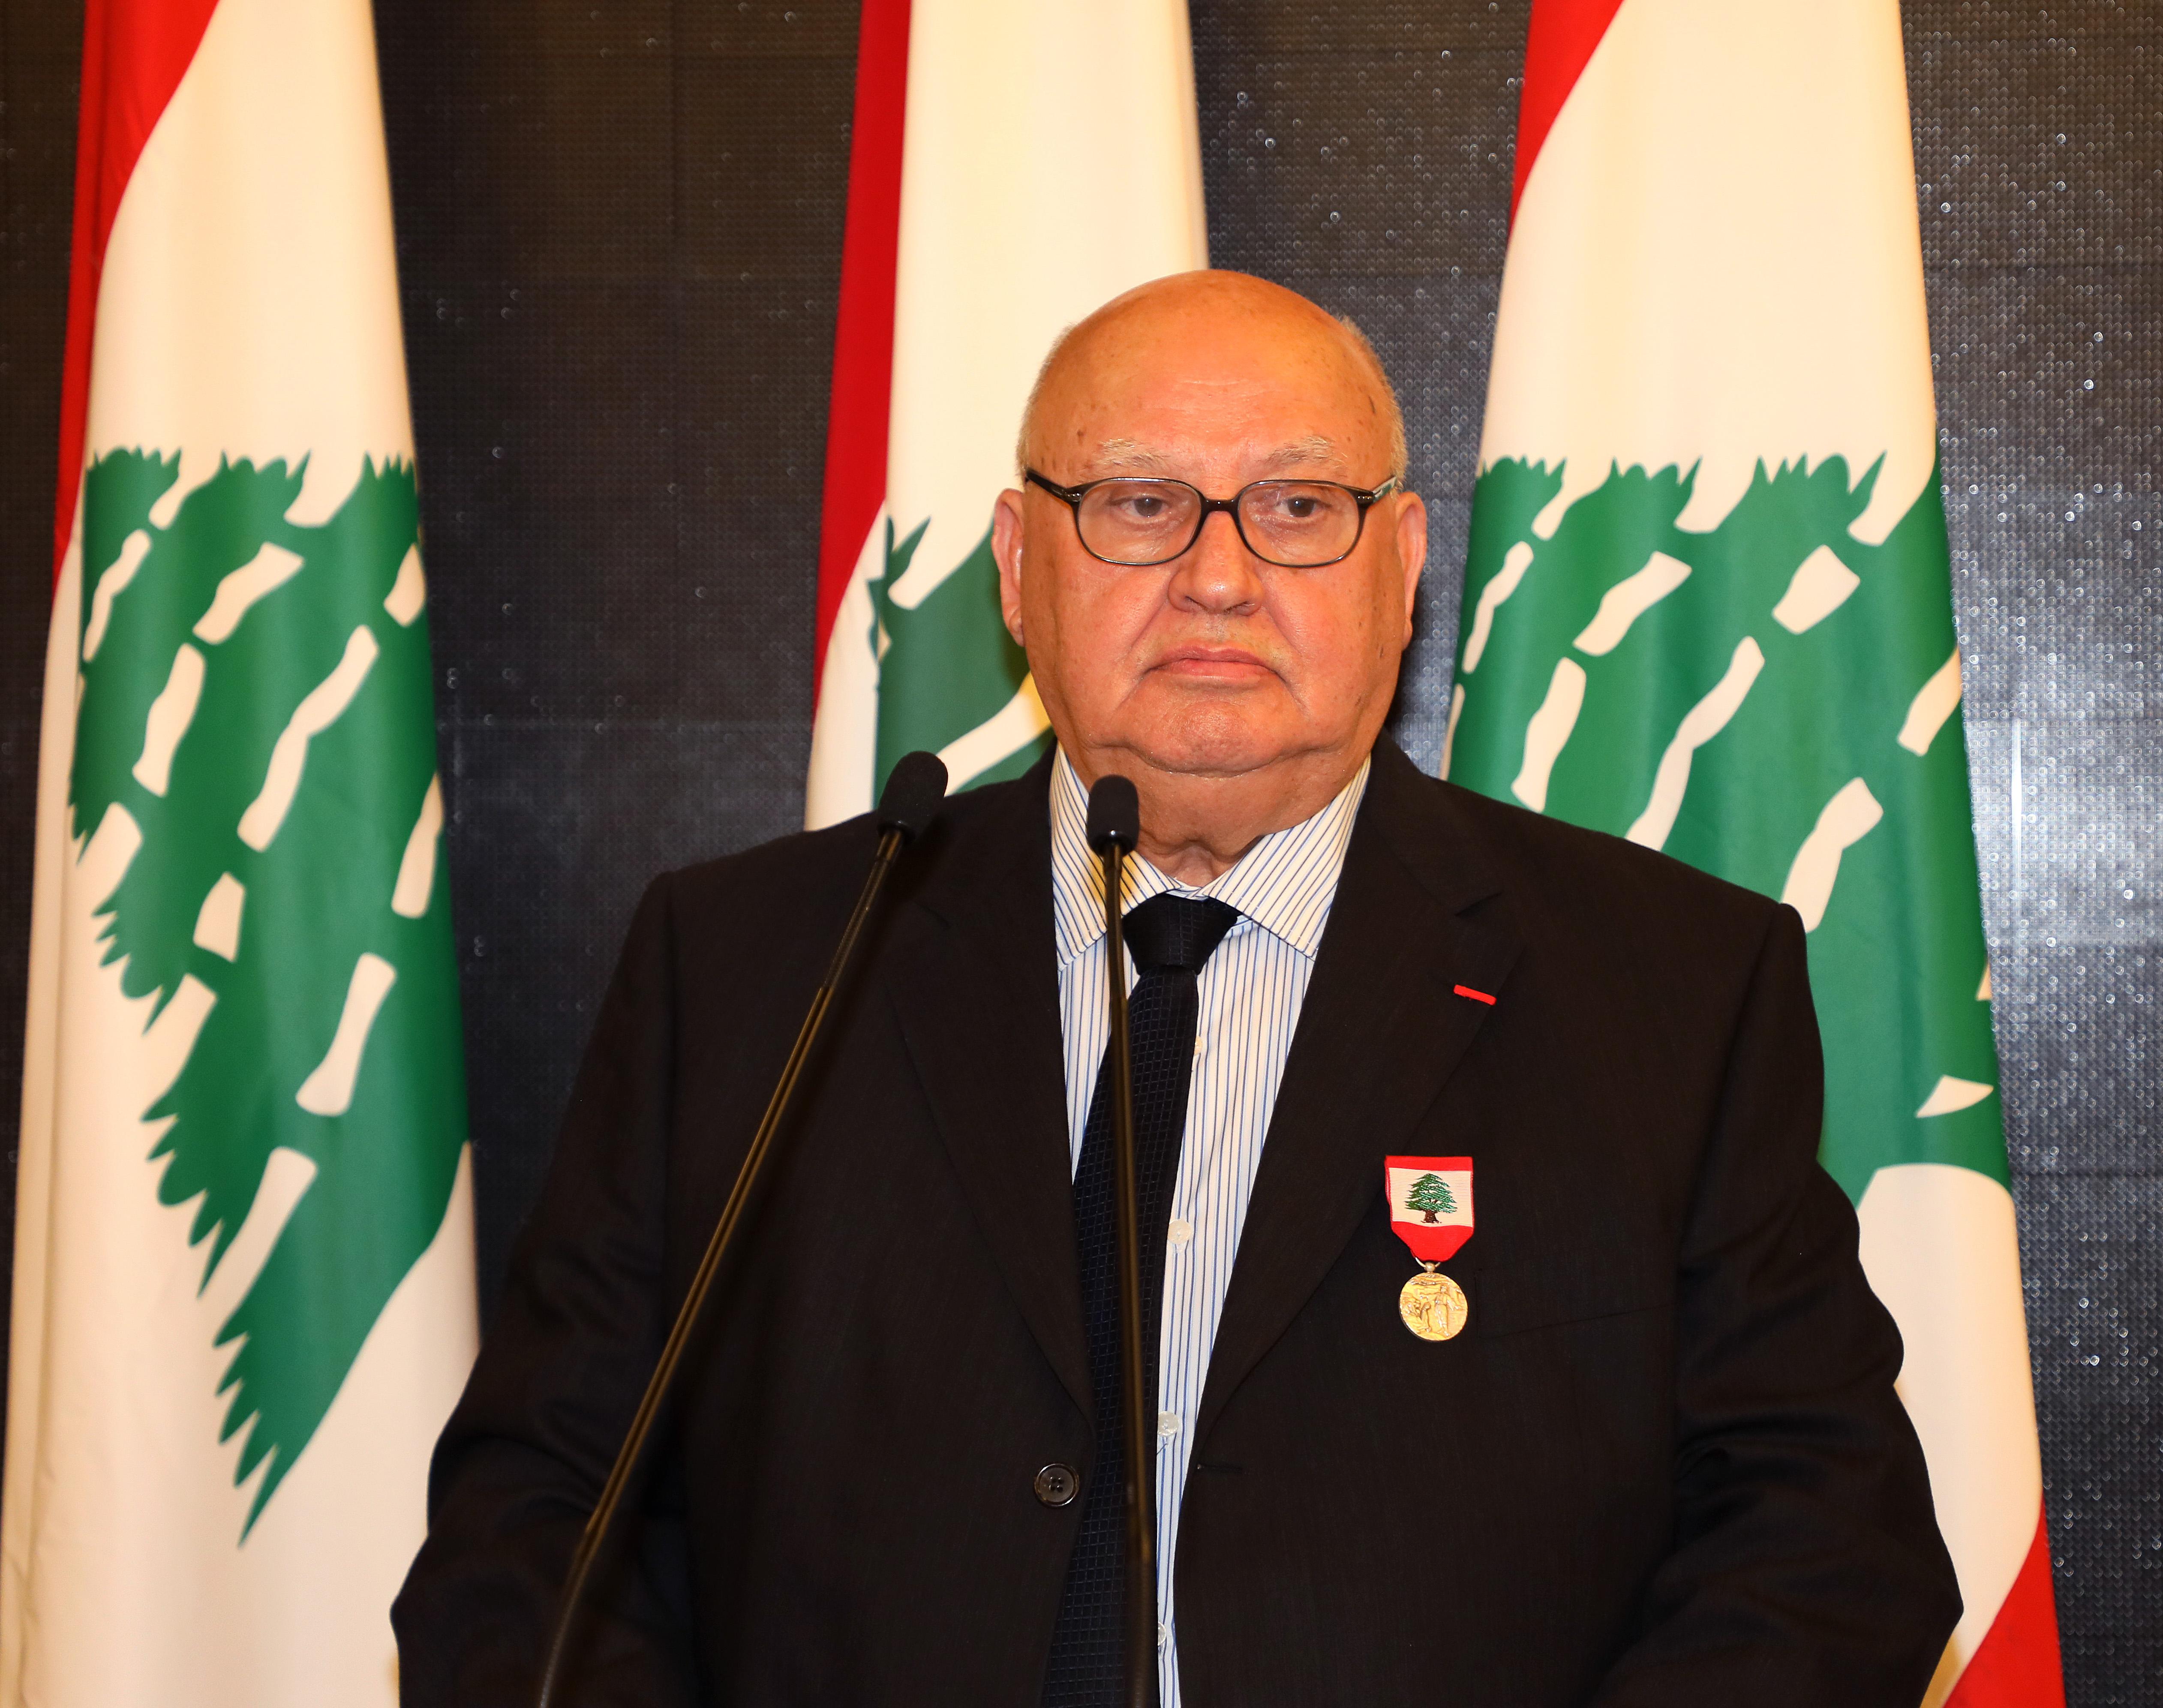 Pr Minister Saad Hariri Honors Mr Mouhamad el Saoudi